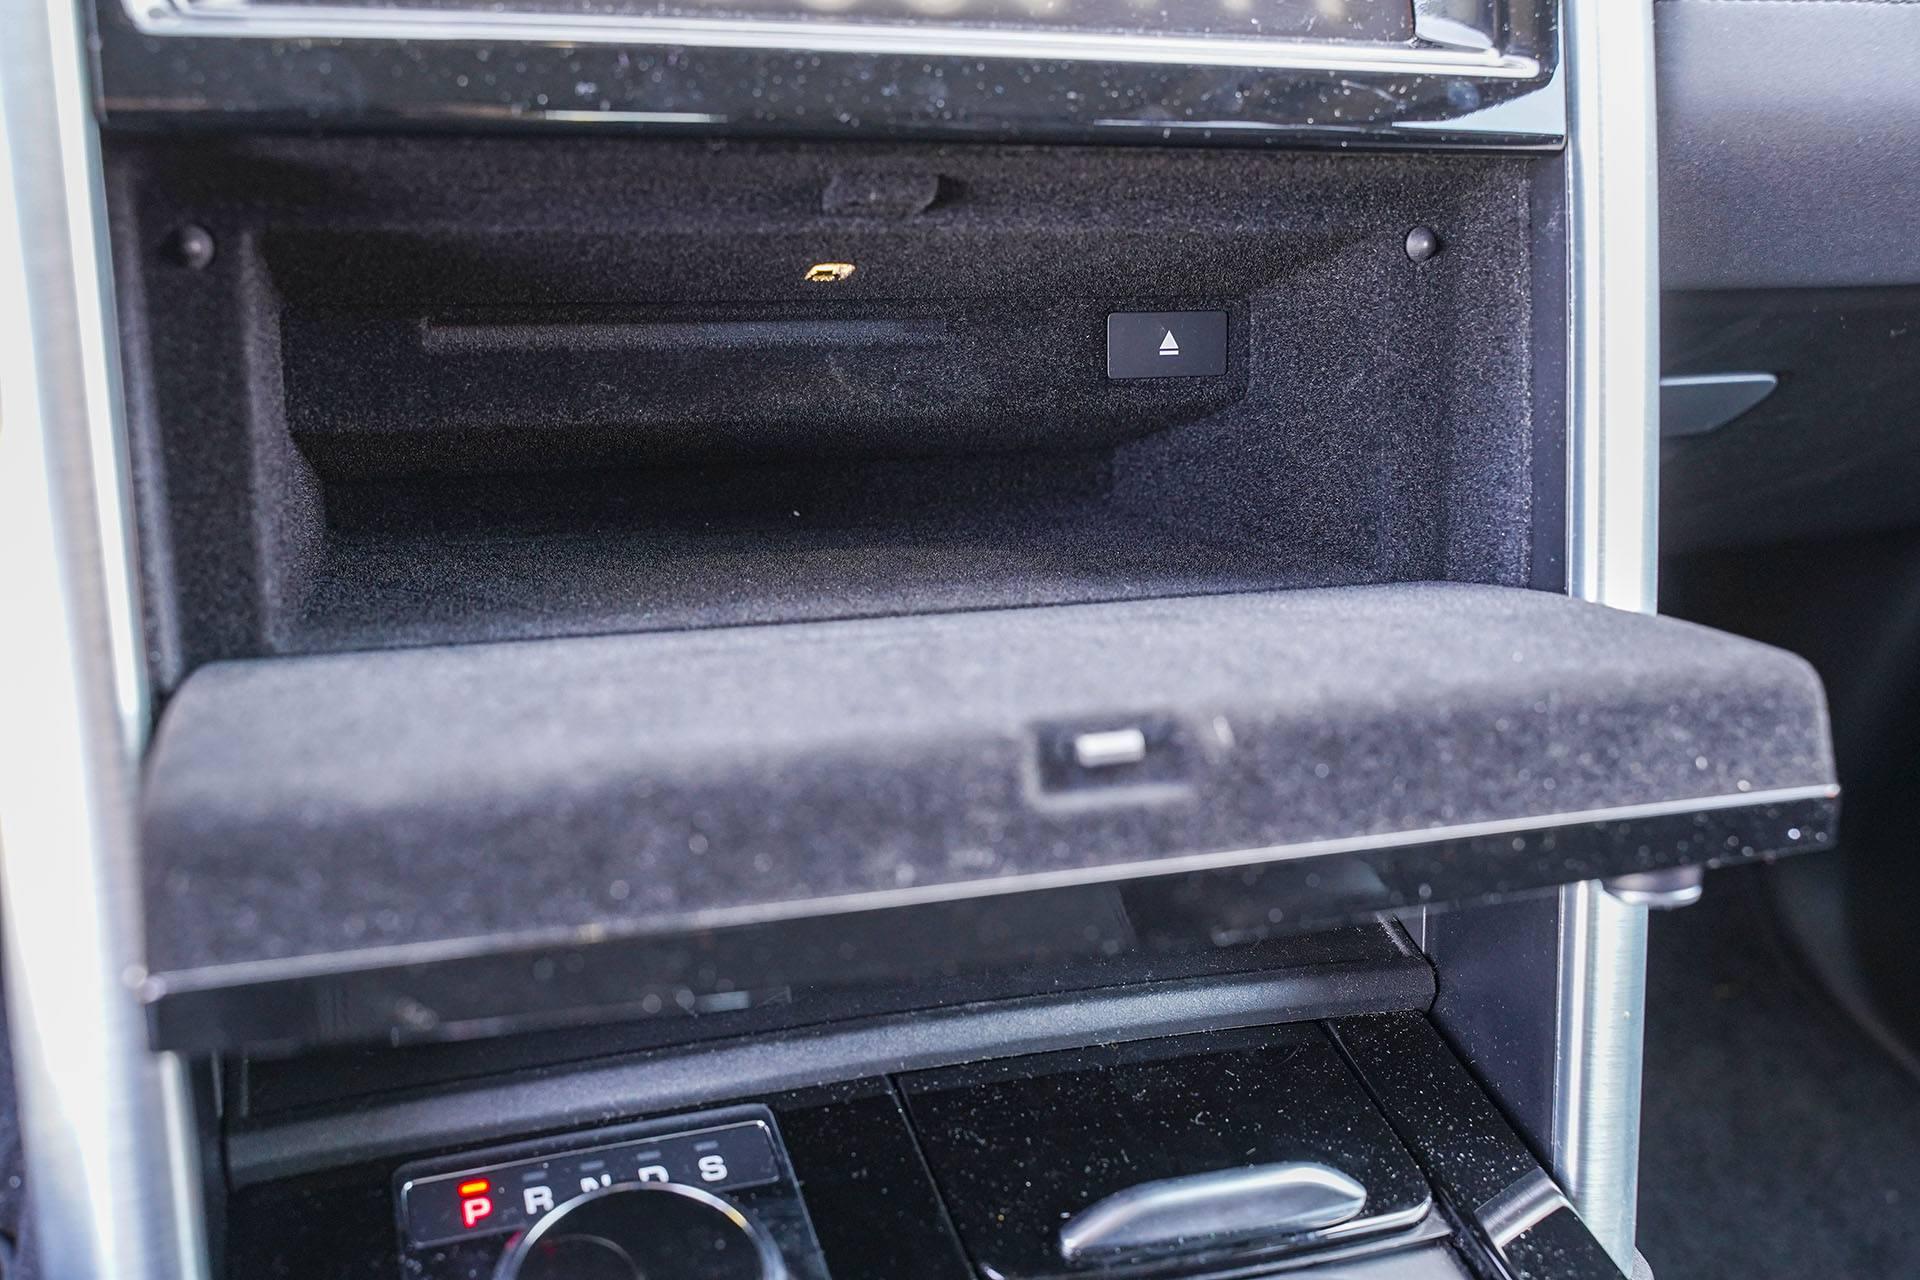 Land Rover Discovery - schowek za panelem klimatyzacji - Land Rover Discovery, Mercedes GLE, Range Rover Sport, Volkswagen Touareg, Volvo XC90 – PORÓWNANIE –opinie, dane techniczne, wymiary